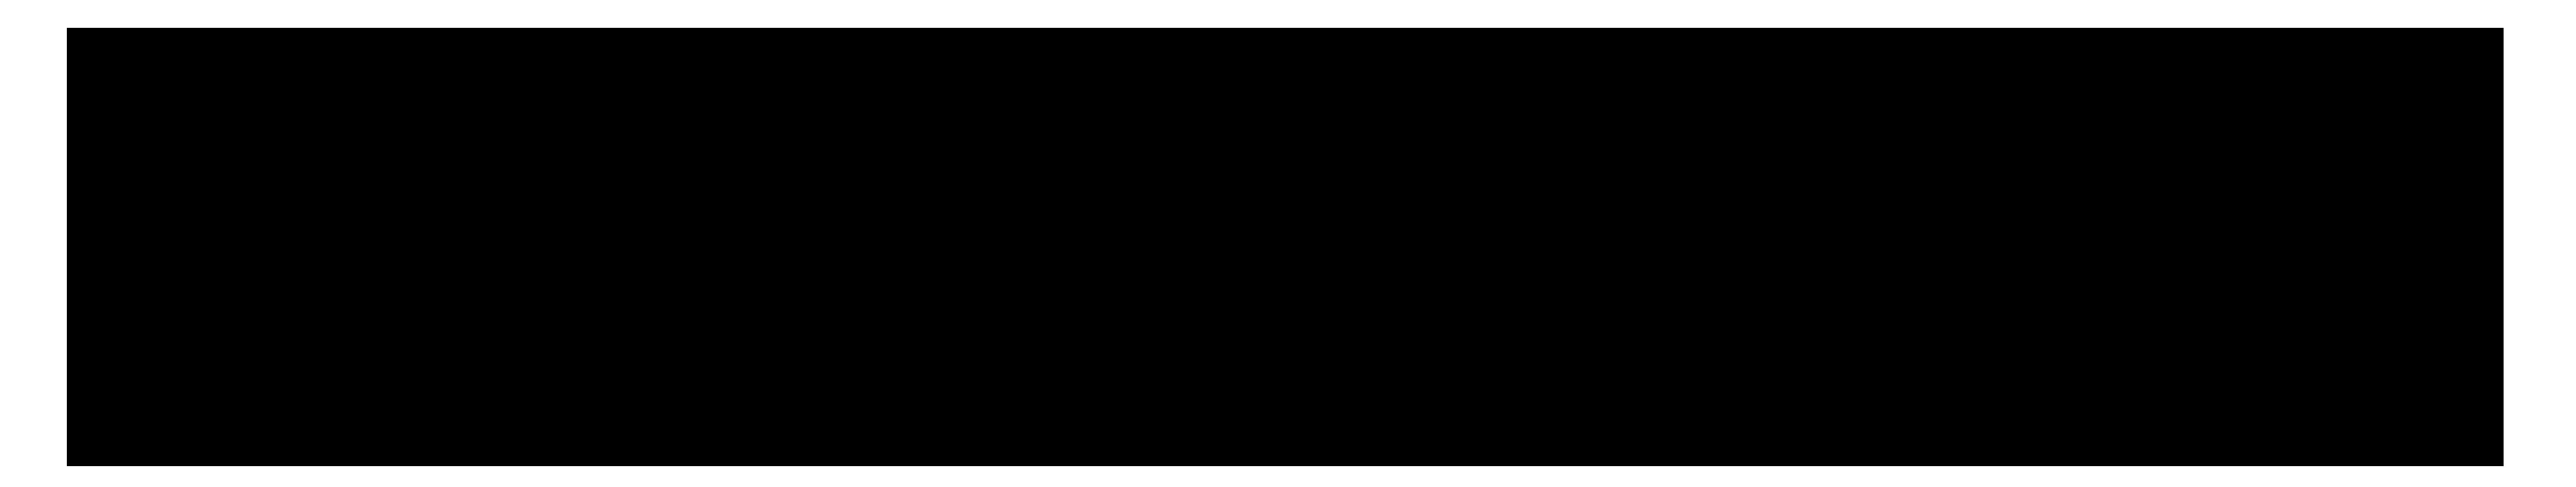 L'Oreal hárvörur